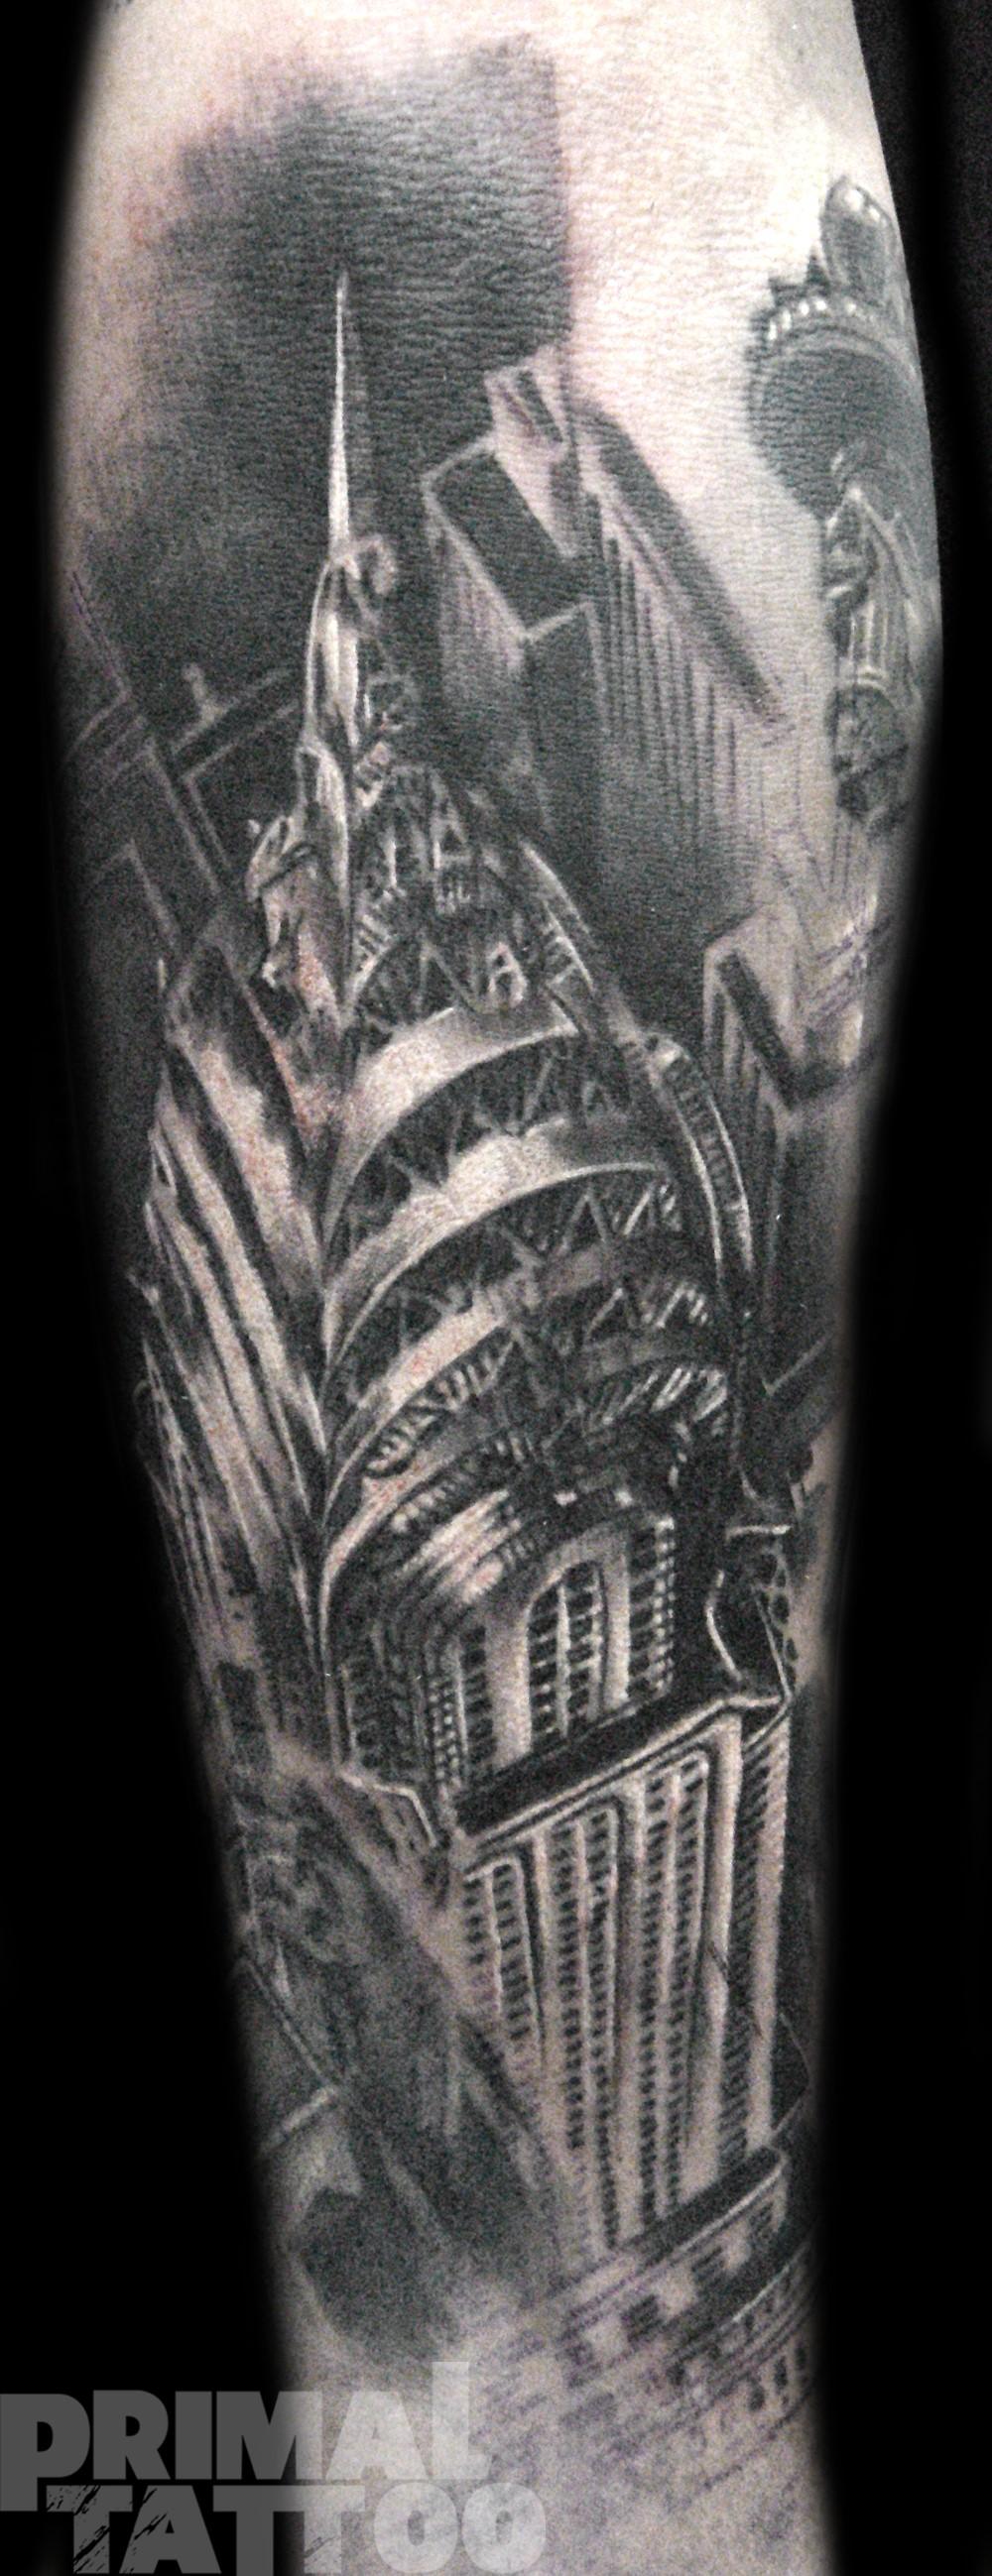 tattoo_primal